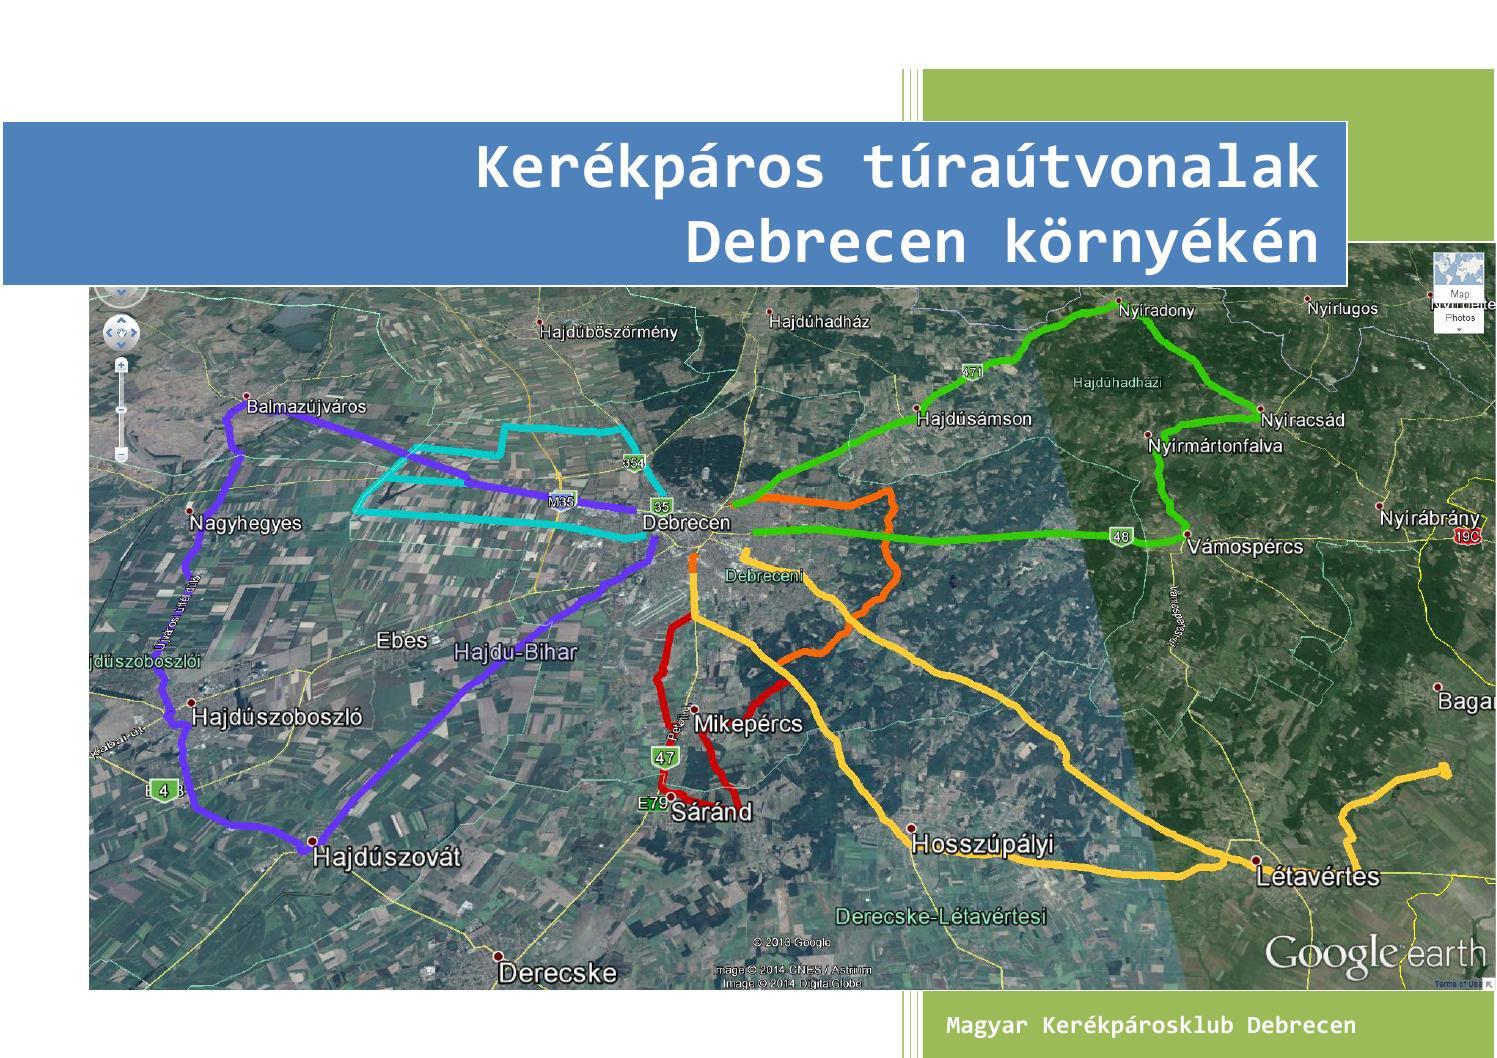 kerékpárút debrecen térkép Kerékpáros túraútvonalak Debrecen környékén by hugaald   issuu kerékpárút debrecen térkép